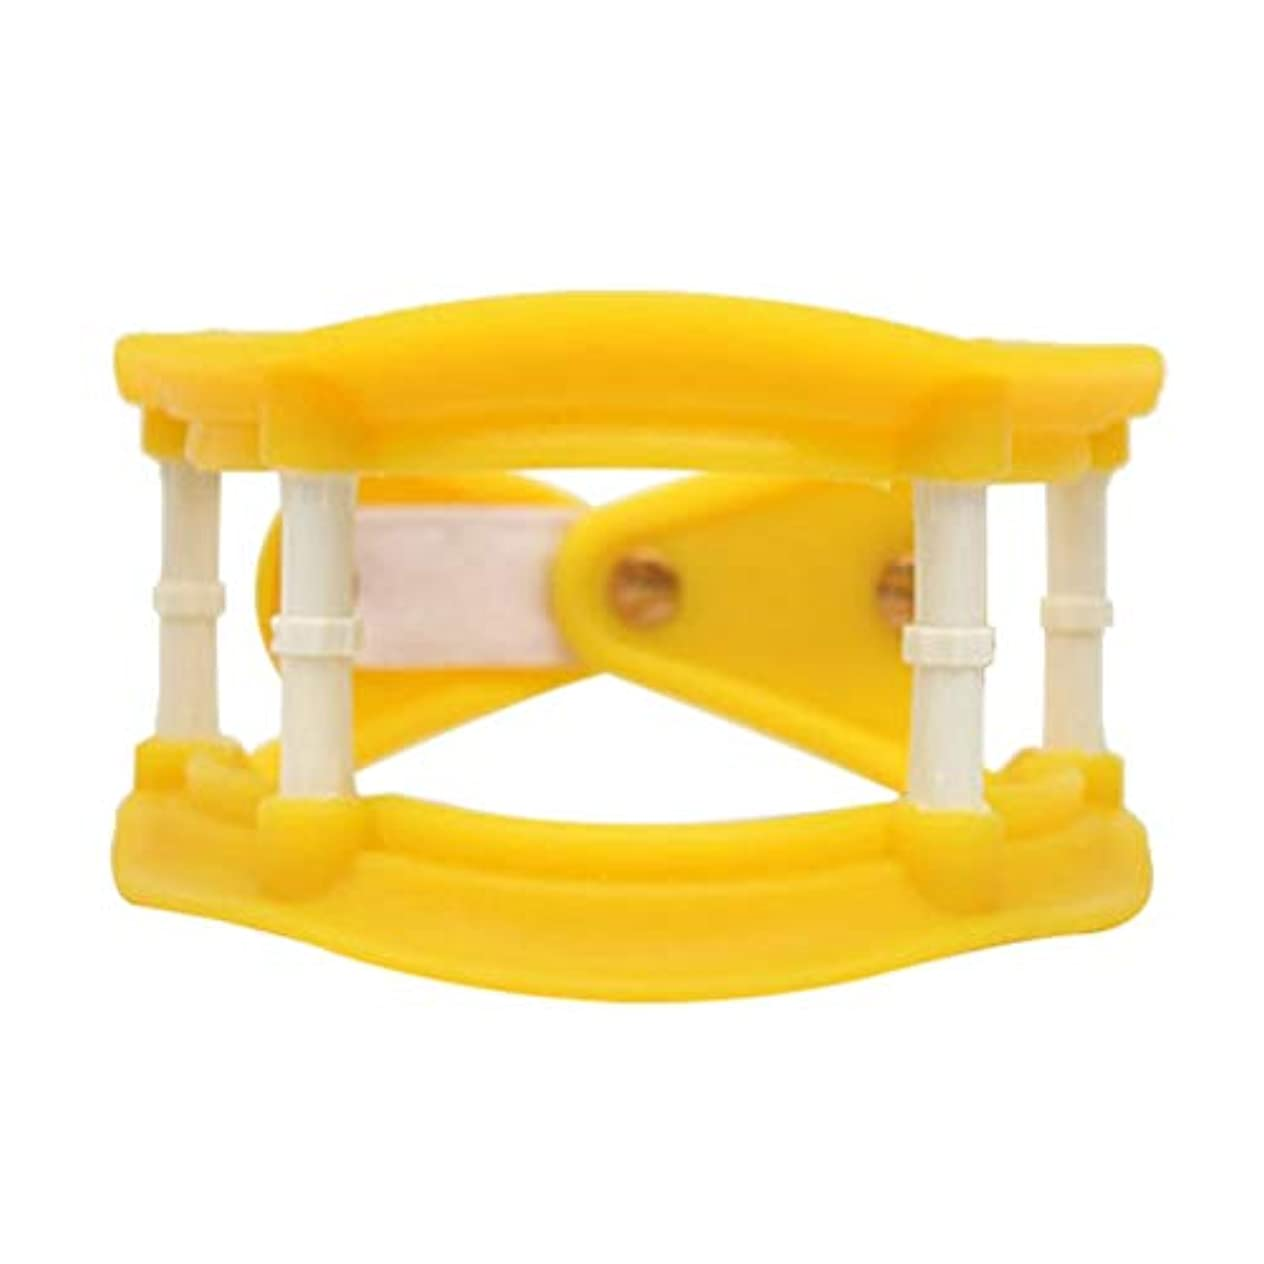 アレンジ遠え変換するHealifty 首の牽引通気性の首サポートブレース調整可能な首のつばの首の痛みを軽減します傷害回復(黄色)